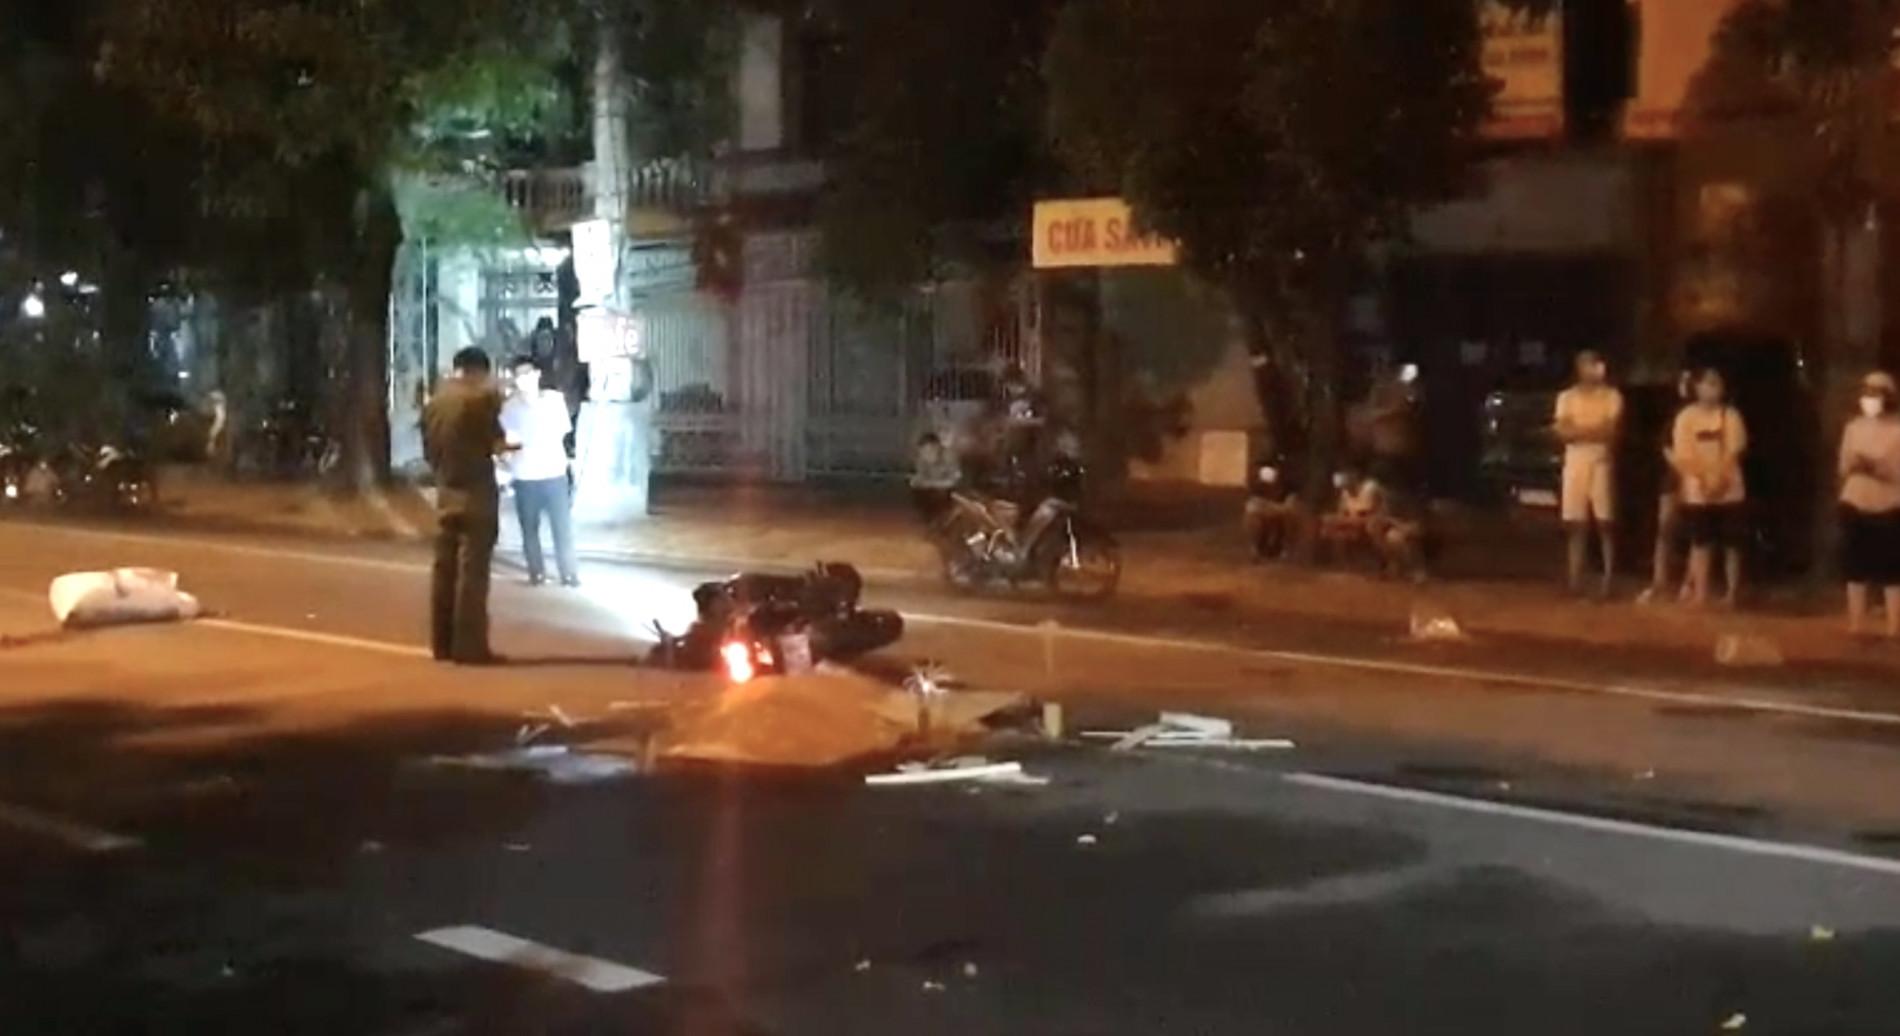 Nghệ An: Truy tìm xe ô tô bỏ trốn sau khi đâm nam thanh niên đi xe máy tử vong trong đêm mưa - Ảnh 2.